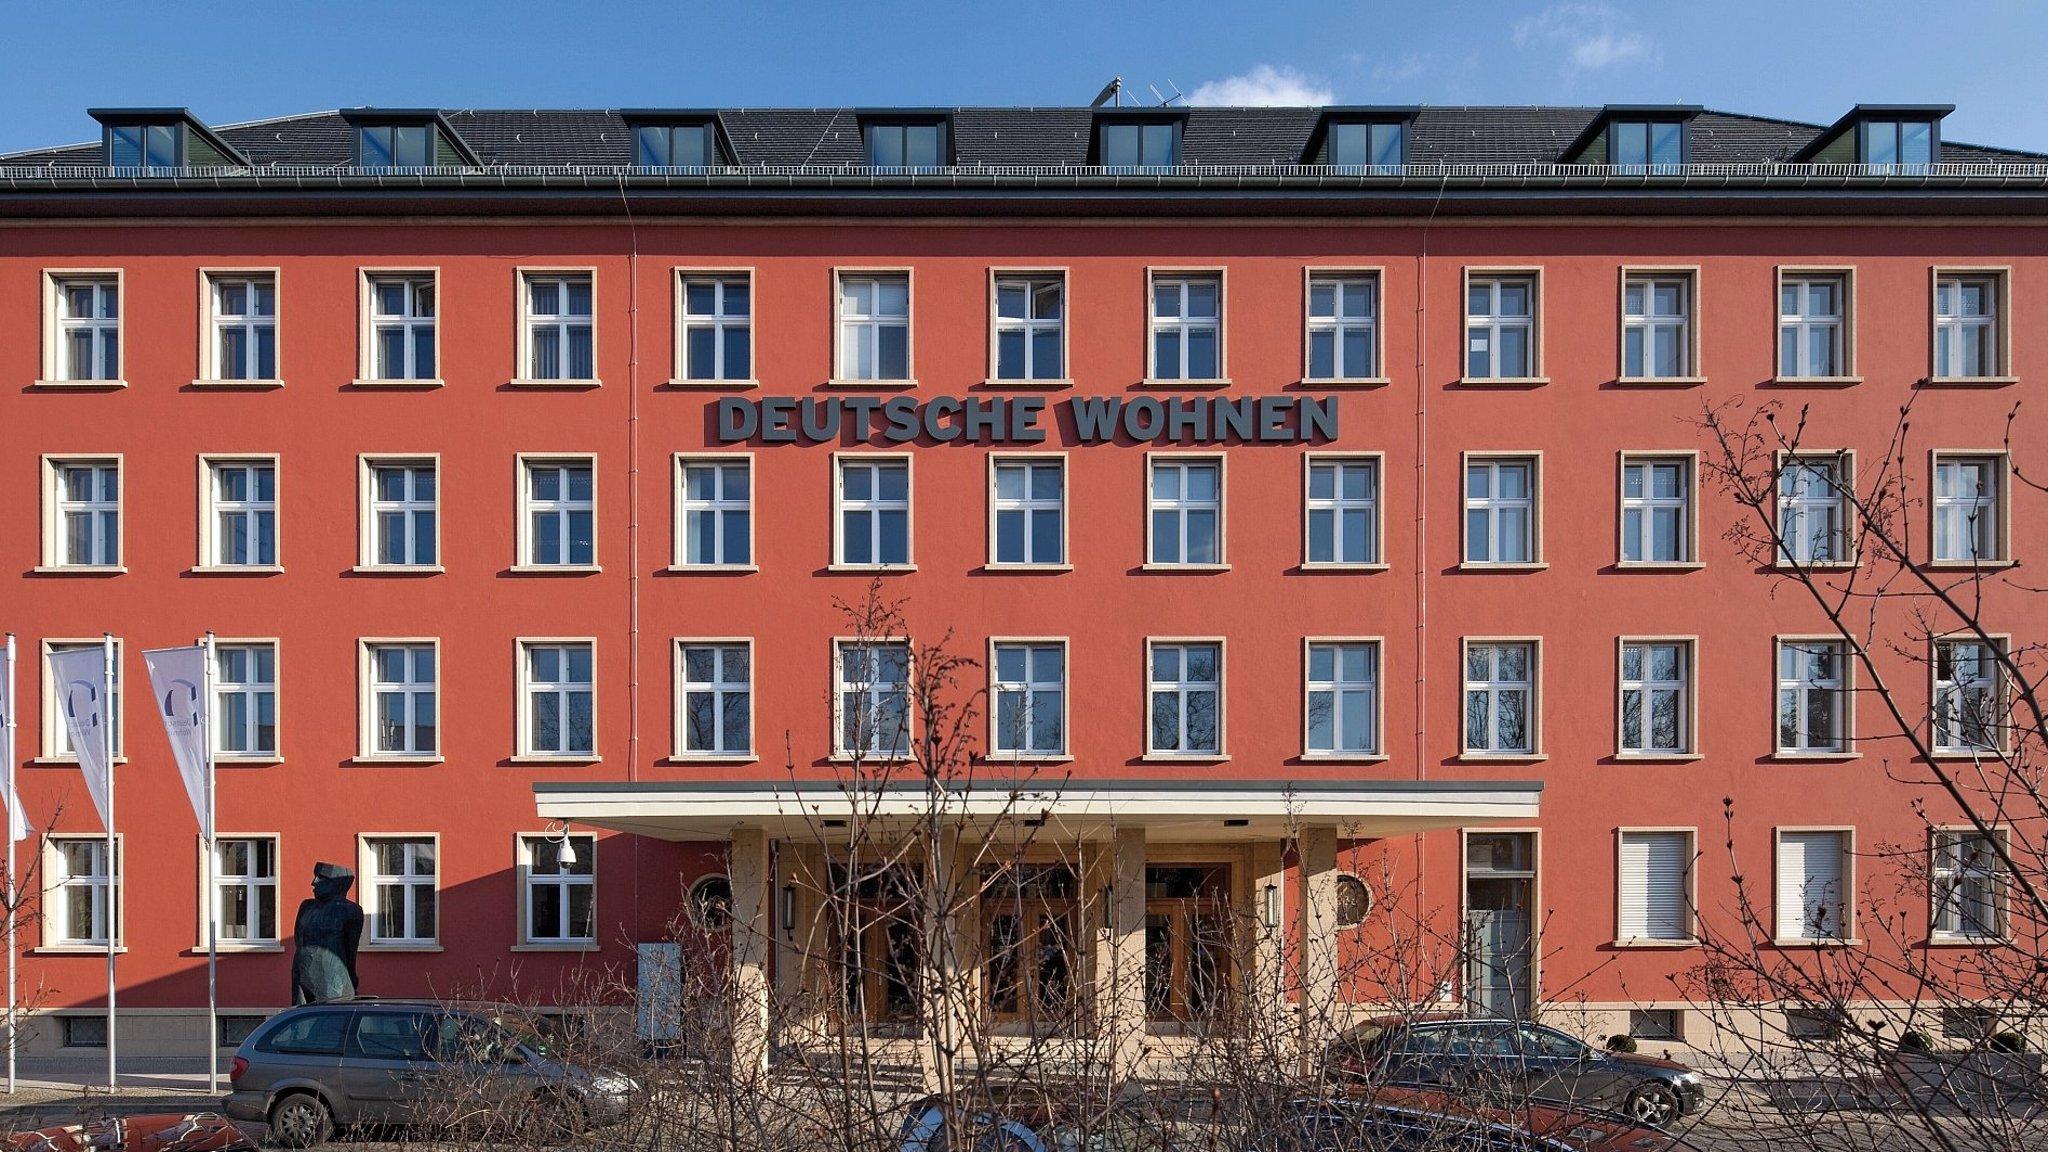 Deutsche Wohnen Com deutsche wohnen ratchets up caign against vonovia bid